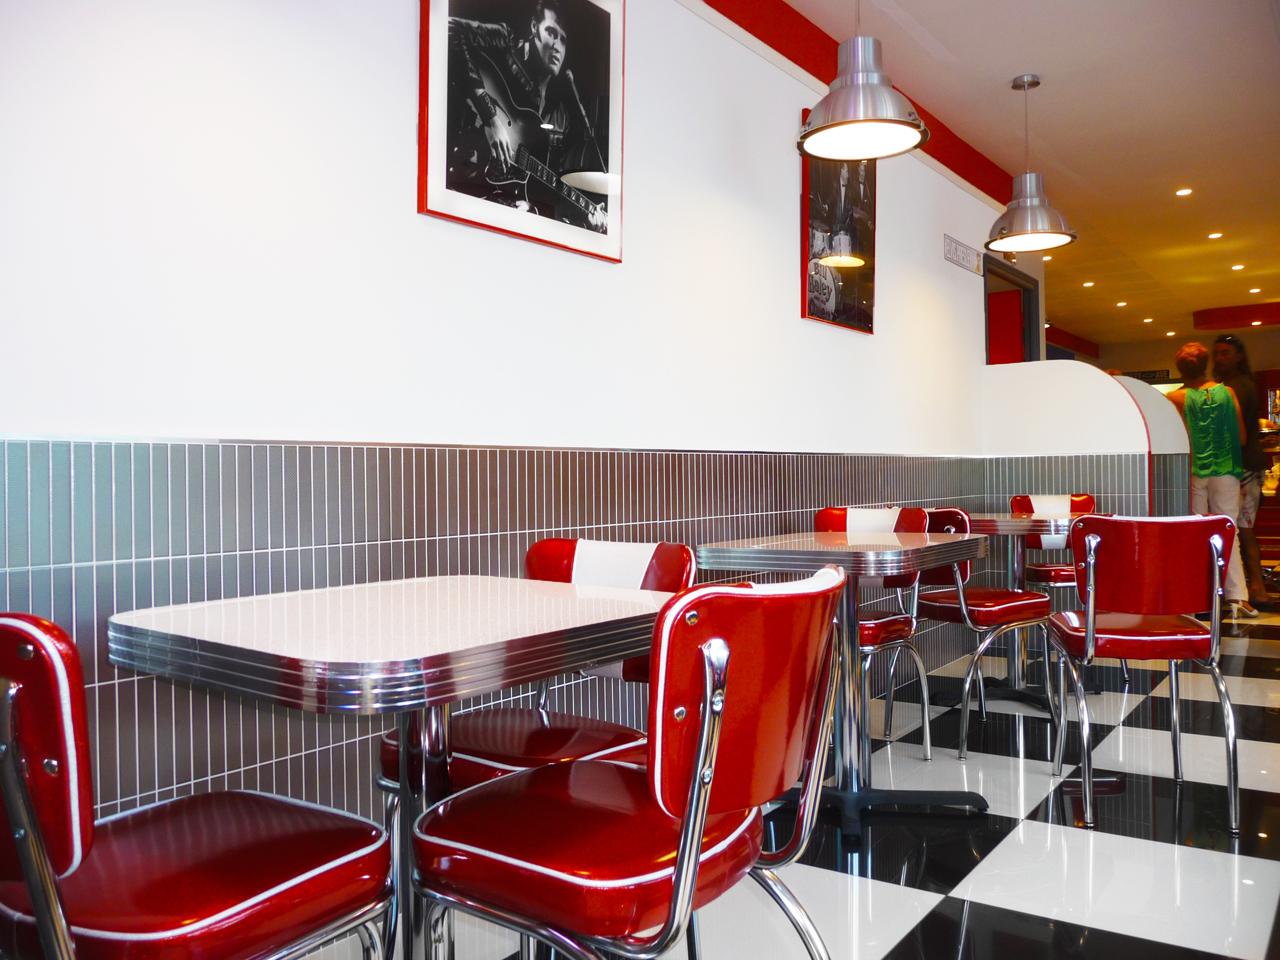 Rt 66 Pasta Bar   Diner Decor By BarsandBooths.com